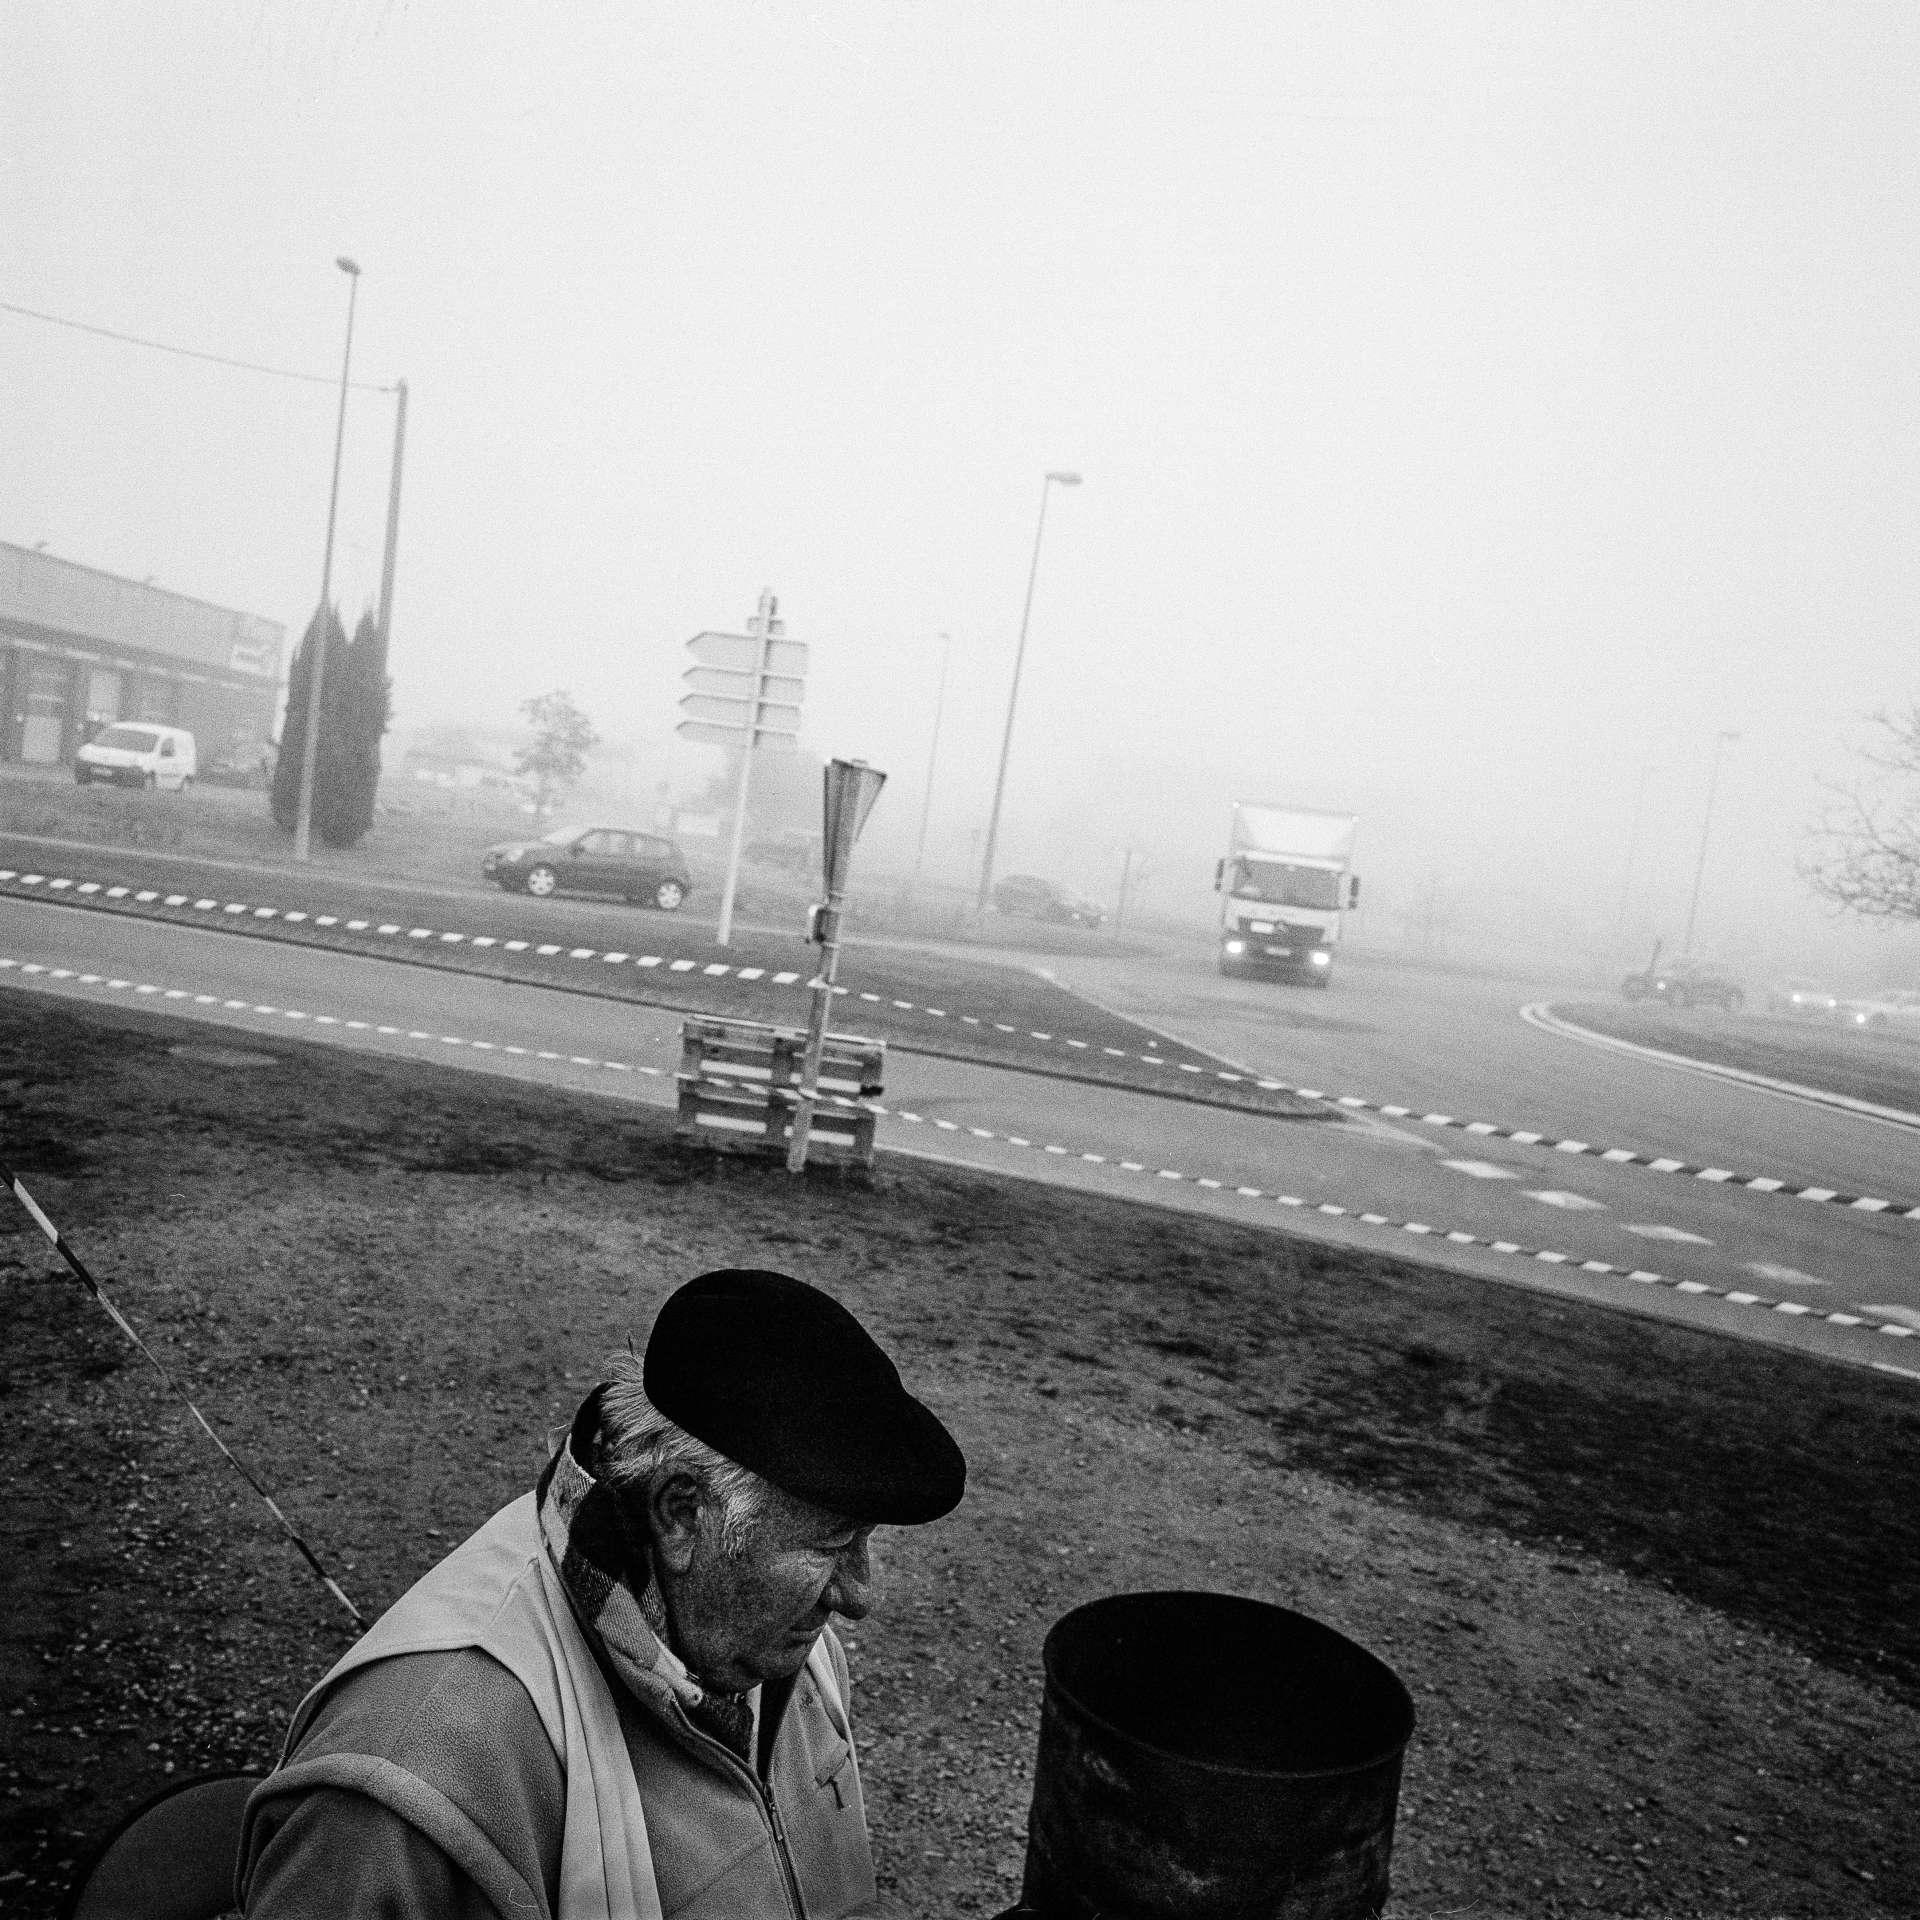 Rond-point de la grande surface Leclerc, sur la propriété de la chaîne hôtelièreCampanile, à Marmande. Un «gilet jaune» se réchauffe, mardi11décembre, au lendemain du discours du chef de l'Etat.